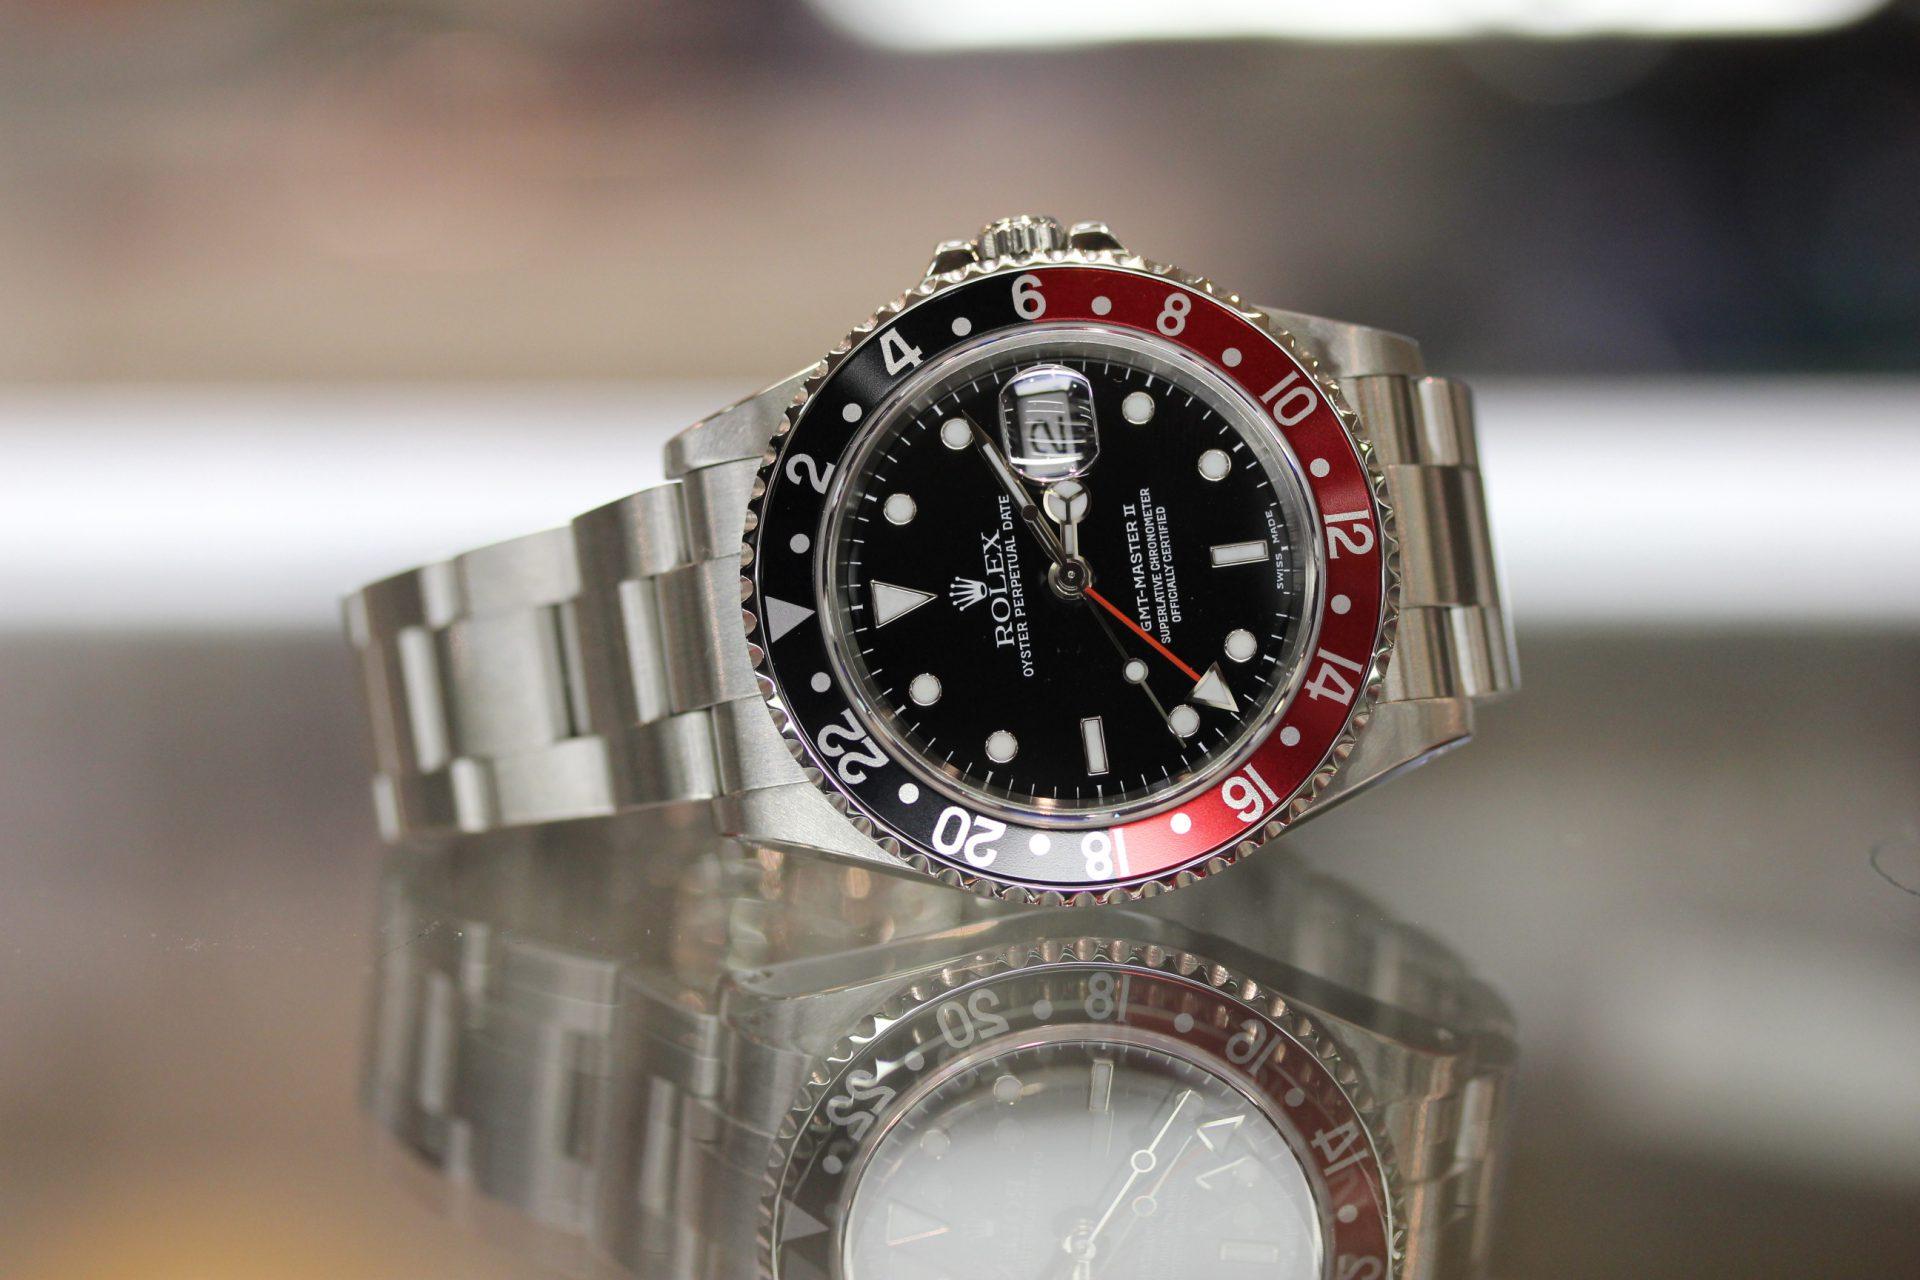 Rolex 16710 GMT MASTER II-RED/BLACK